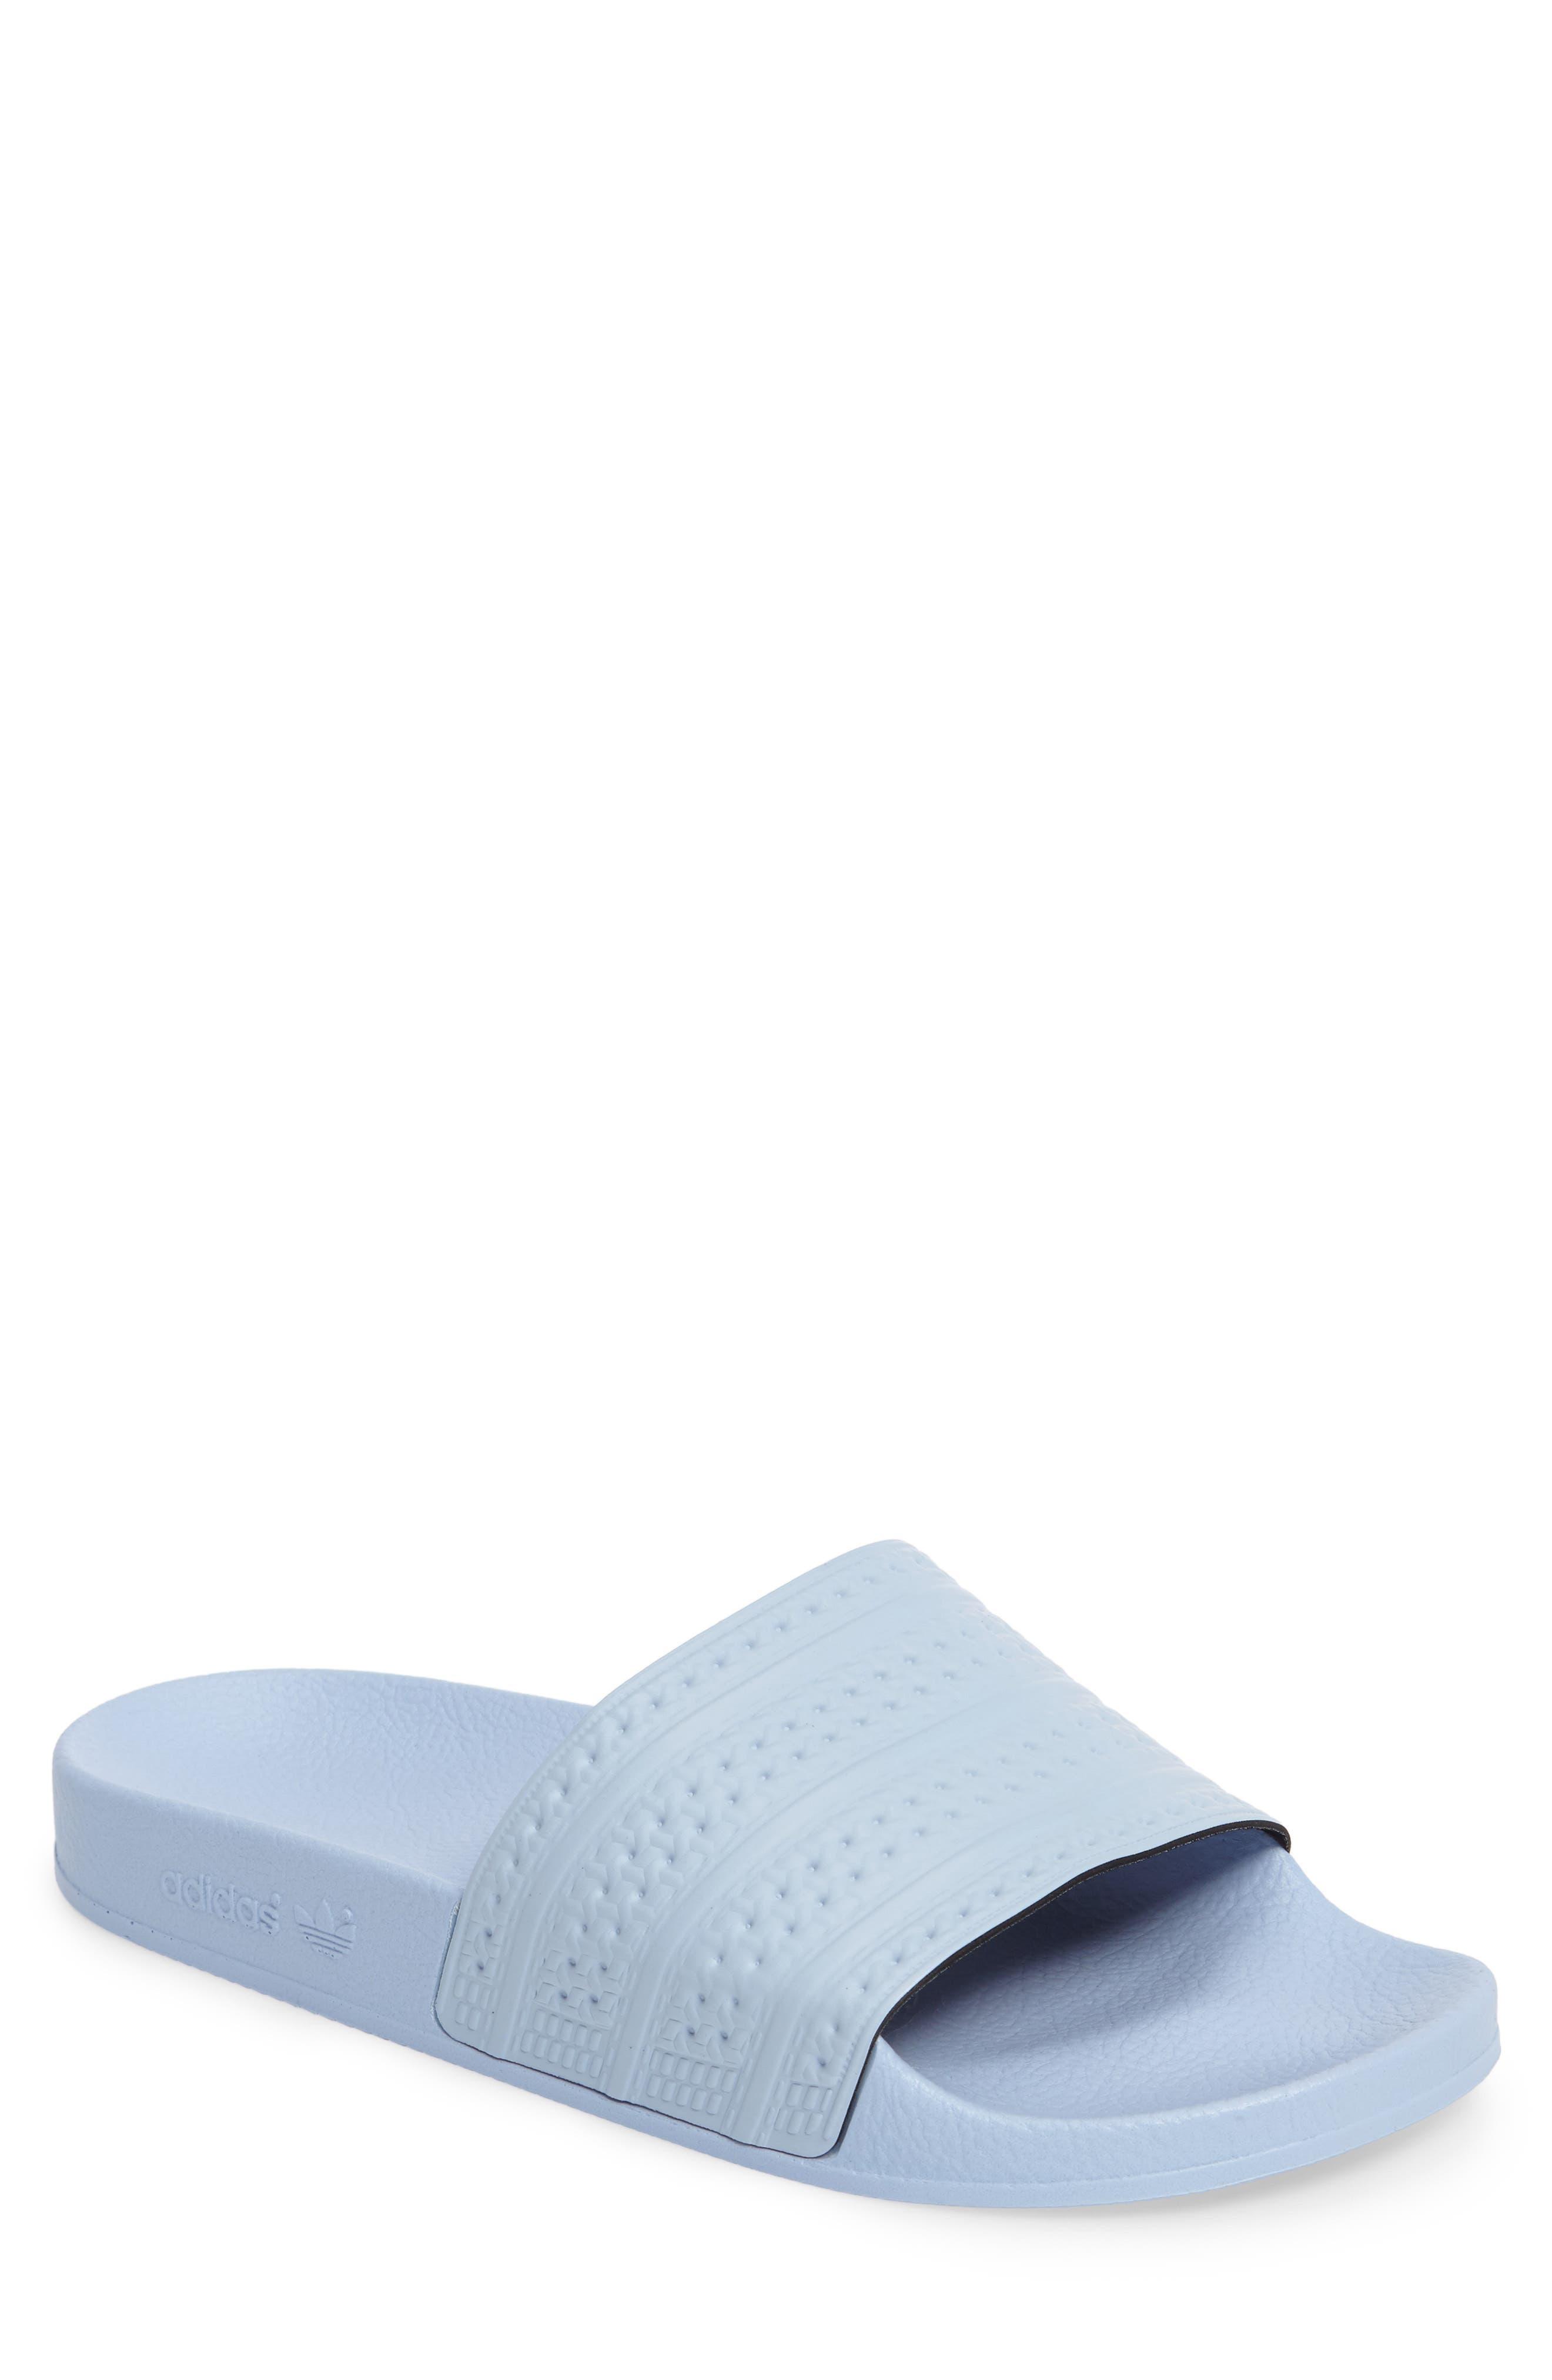 Alternate Image 1 Selected - adidas Adilette Slide Sandal (Men)